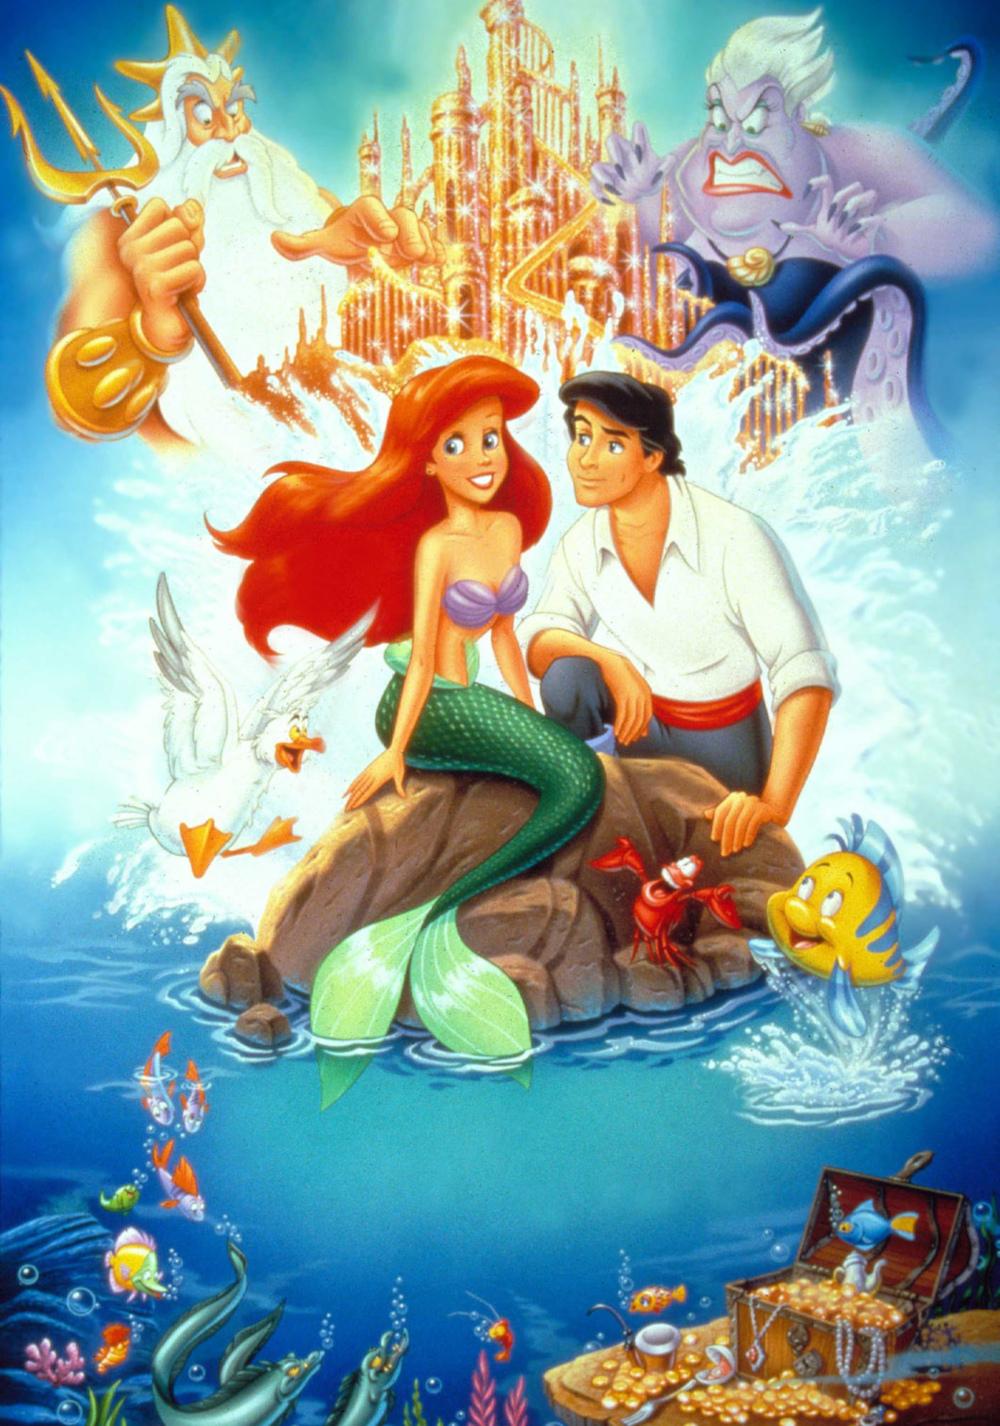 The Little Mermaid | Movie fanart | fanart.tv